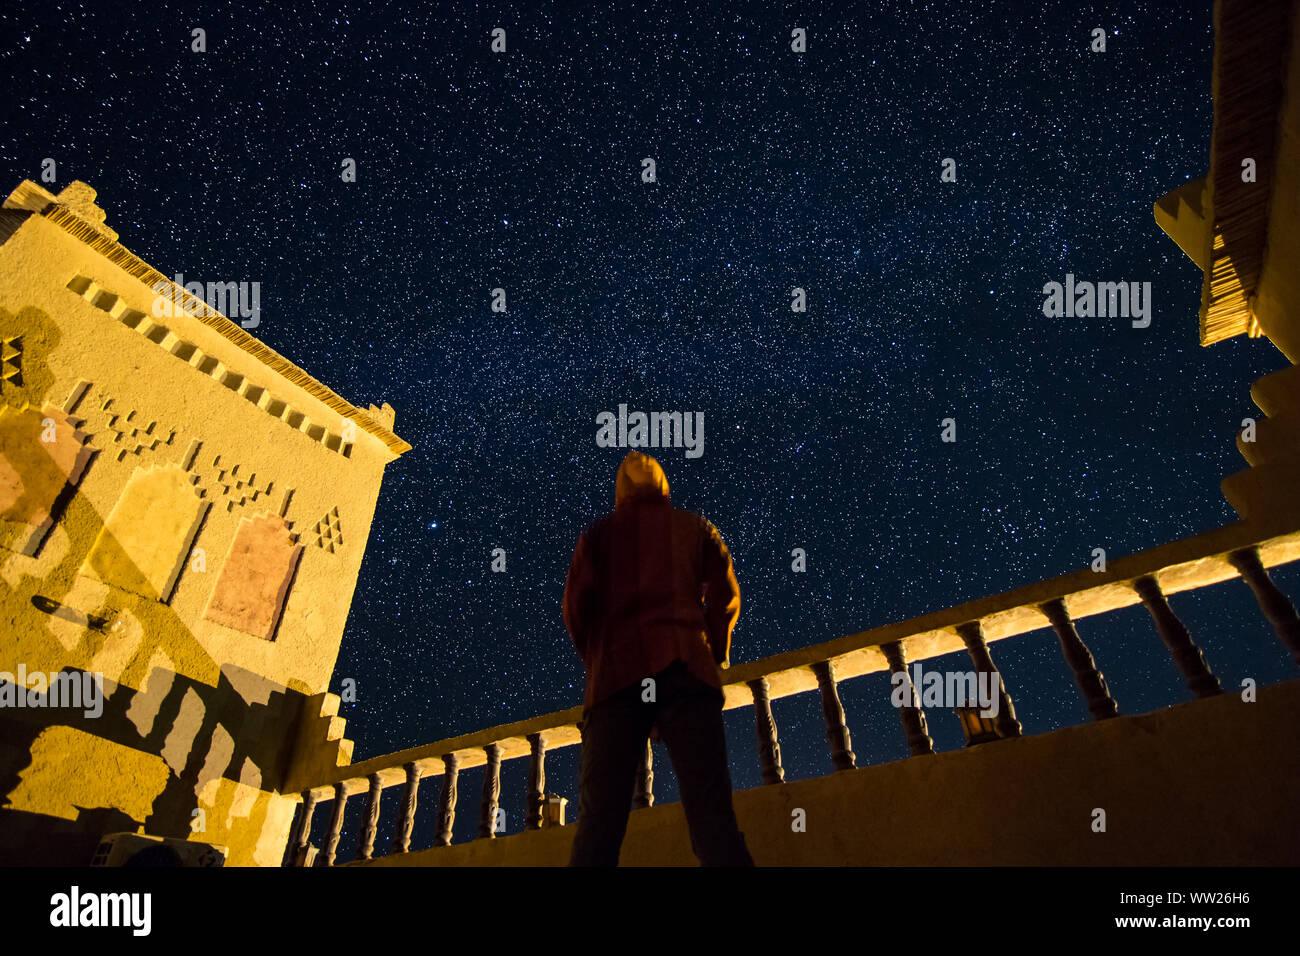 Un homme debout regardant le ciel étoilé sur le toit d'une kasbah dans le sud du Maroc. L'astrophotographie Banque D'Images